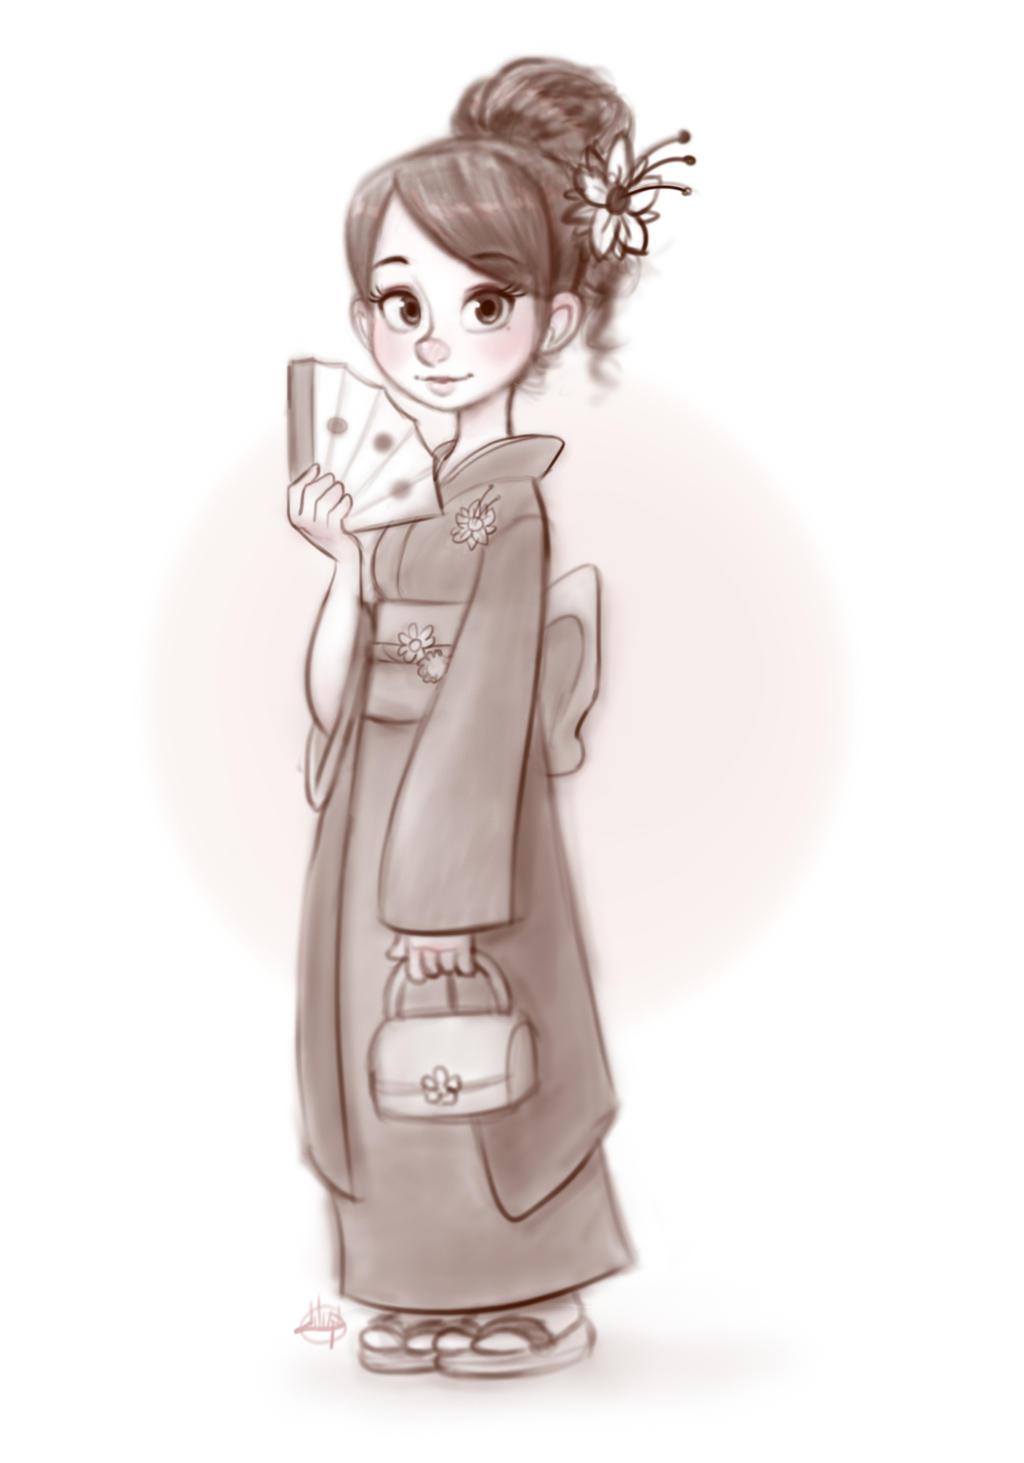 Kimono Girl By Luigil On Deviantart